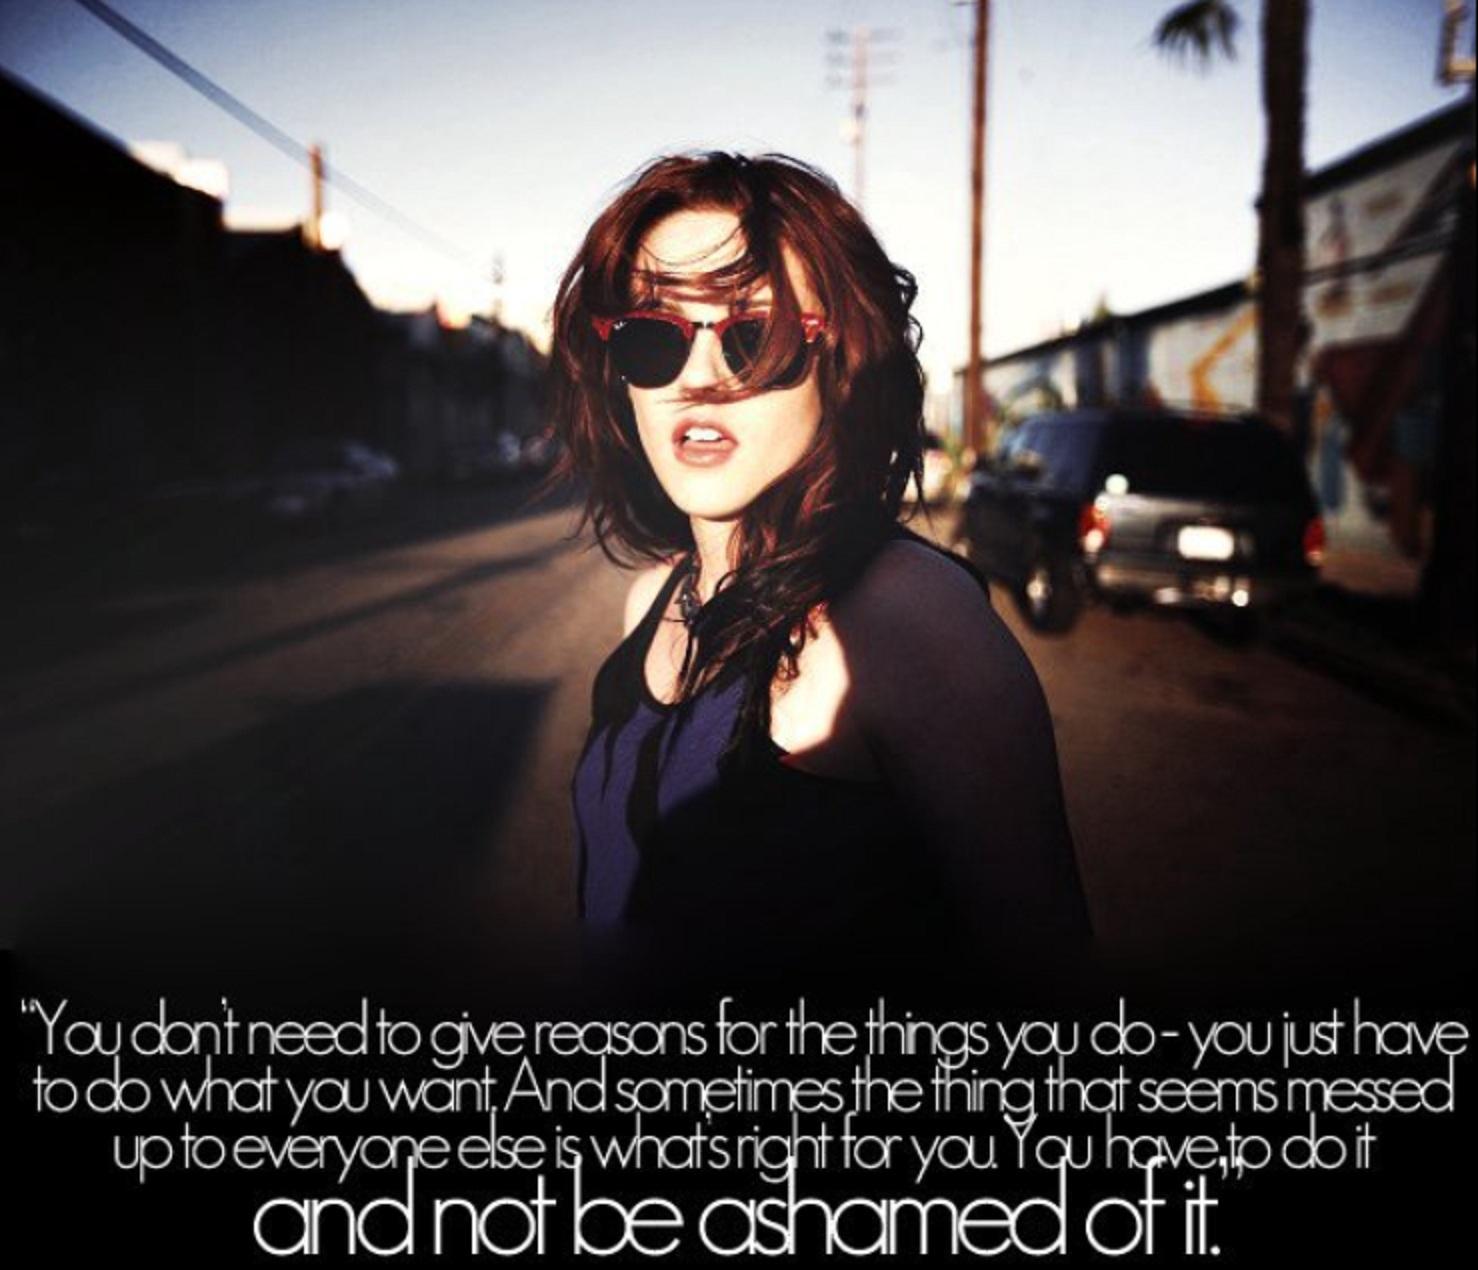 Kristen Stewart's quote #3